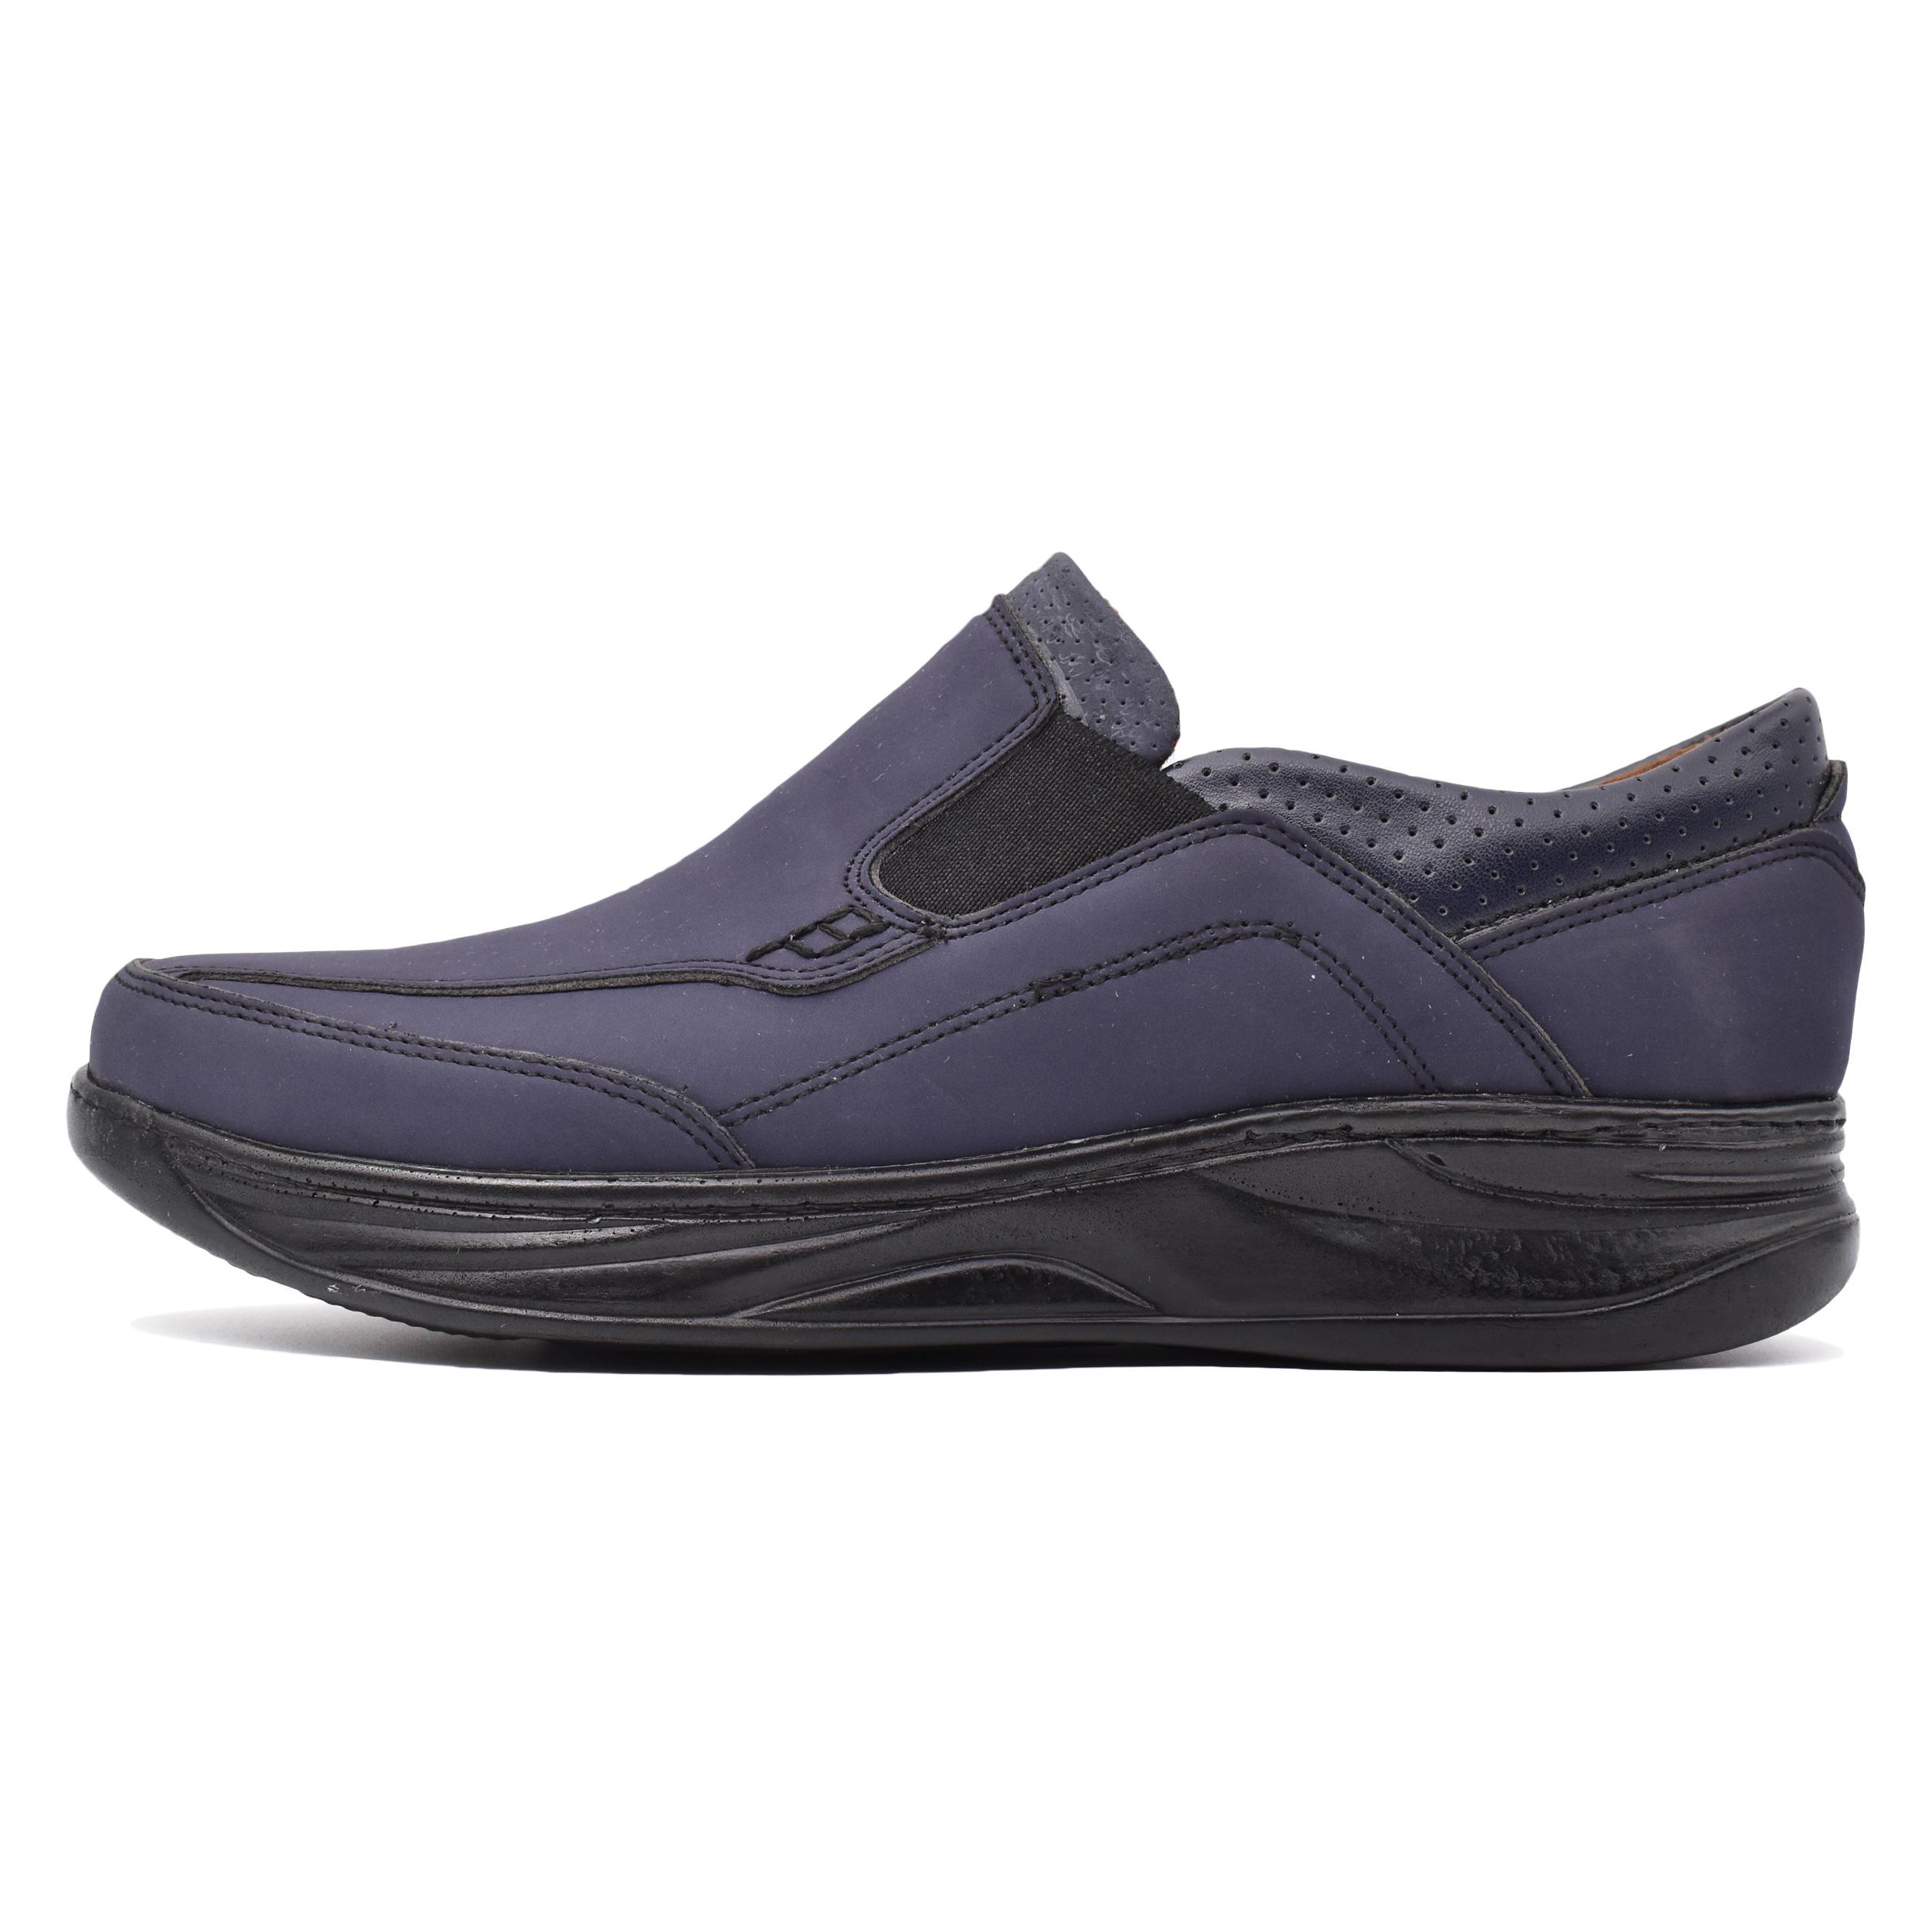 کفش روزمره مردانه مدل سیما کد 7145